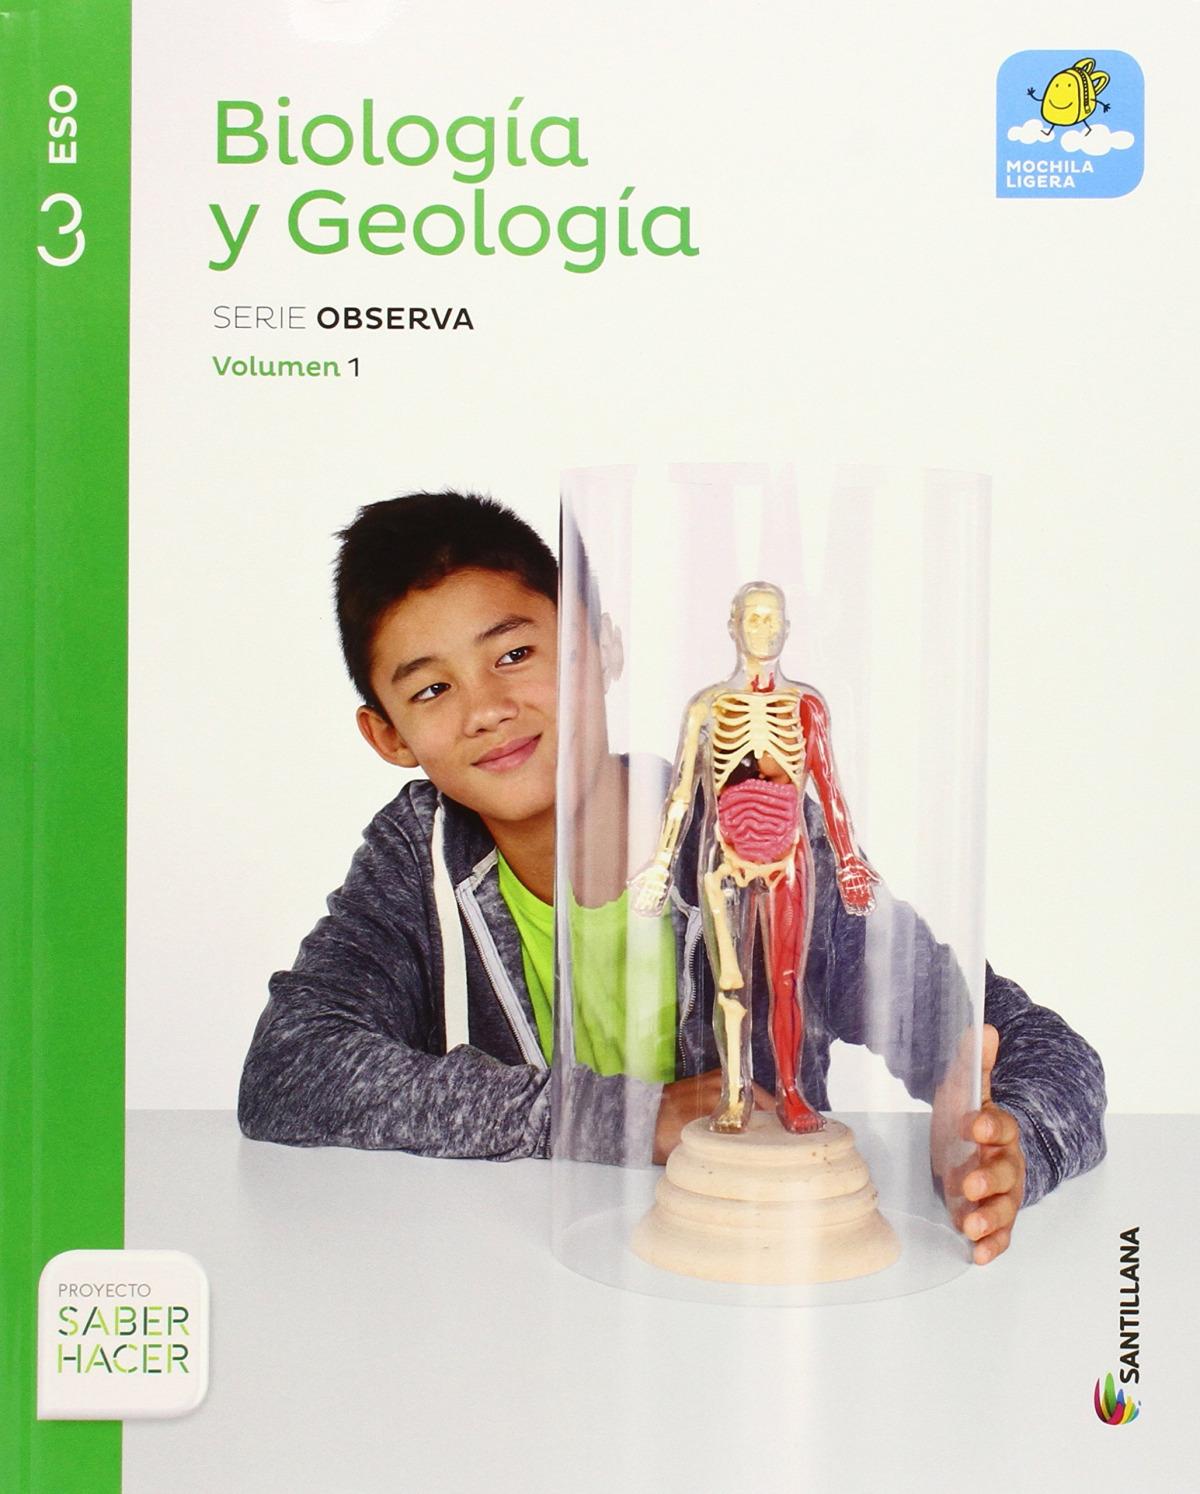 BIOLOGIA Y GEOLOGIA MOCHILA LIGERA 3 SECUNDARIA 9788468020471